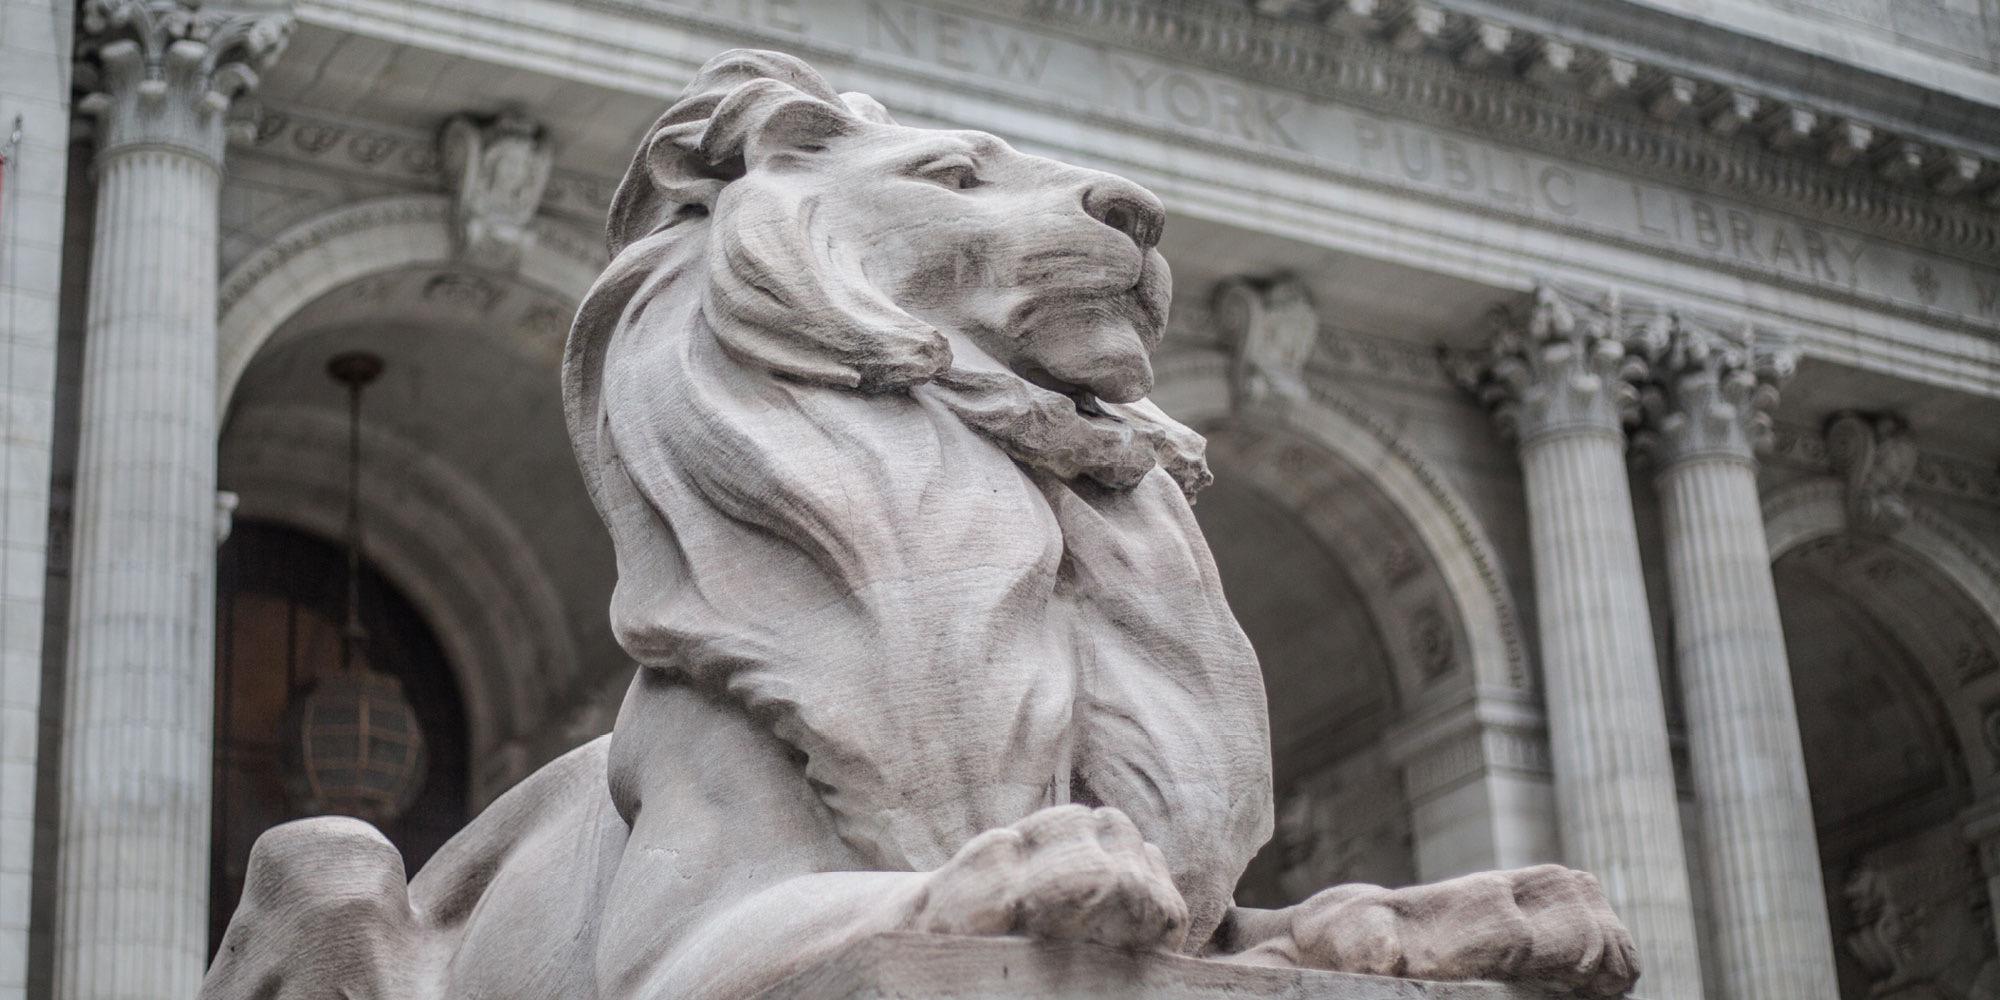 Access to NY Public Library